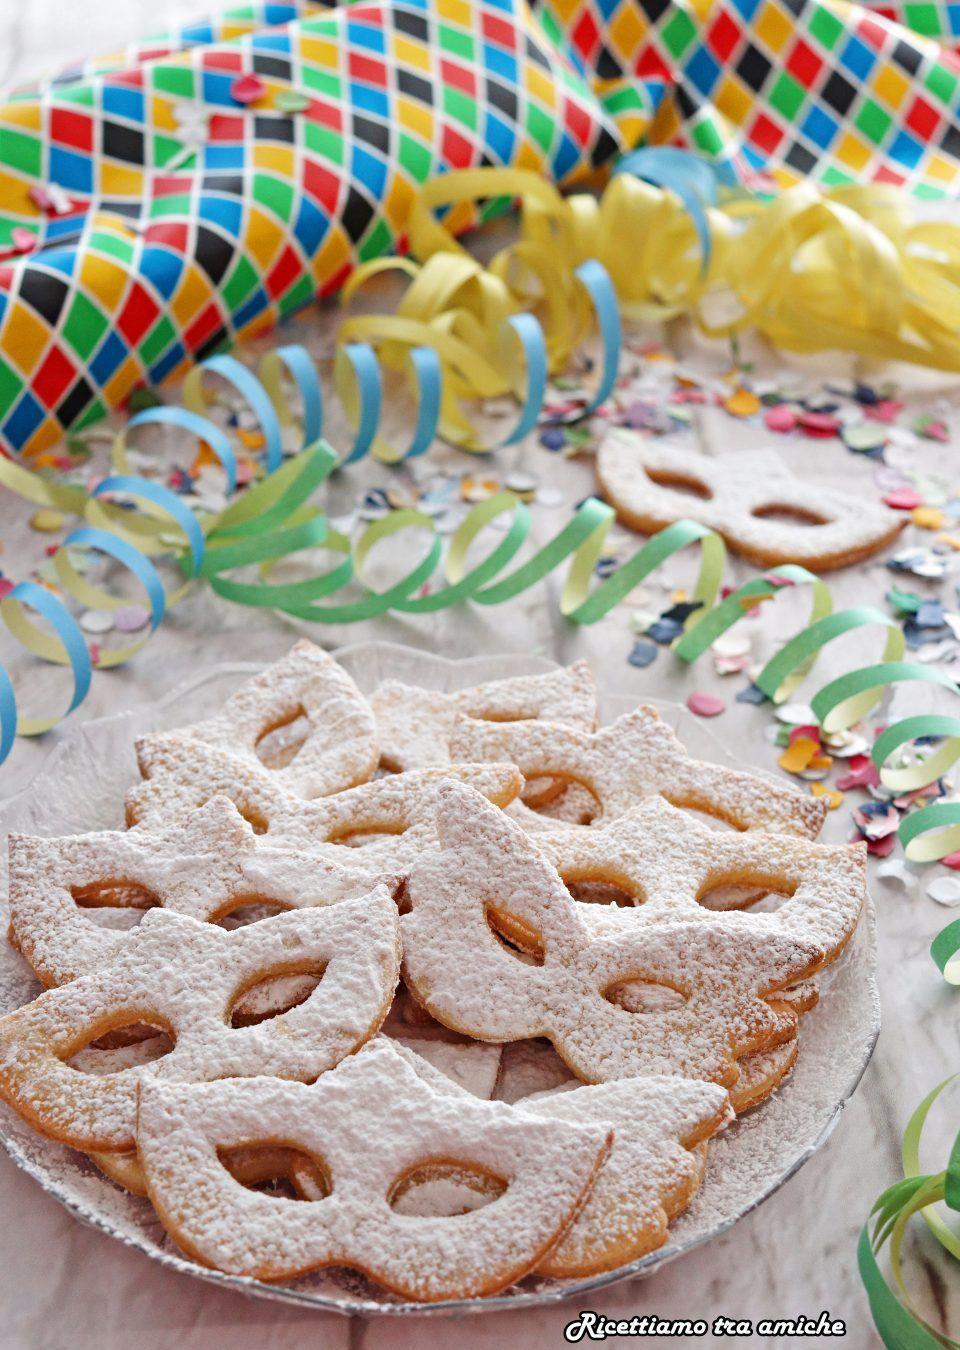 taglia 7 dal costo ragionevole aspetto estetico Mascherine di Carnevale di pasta frolla | Ricette dolci ...